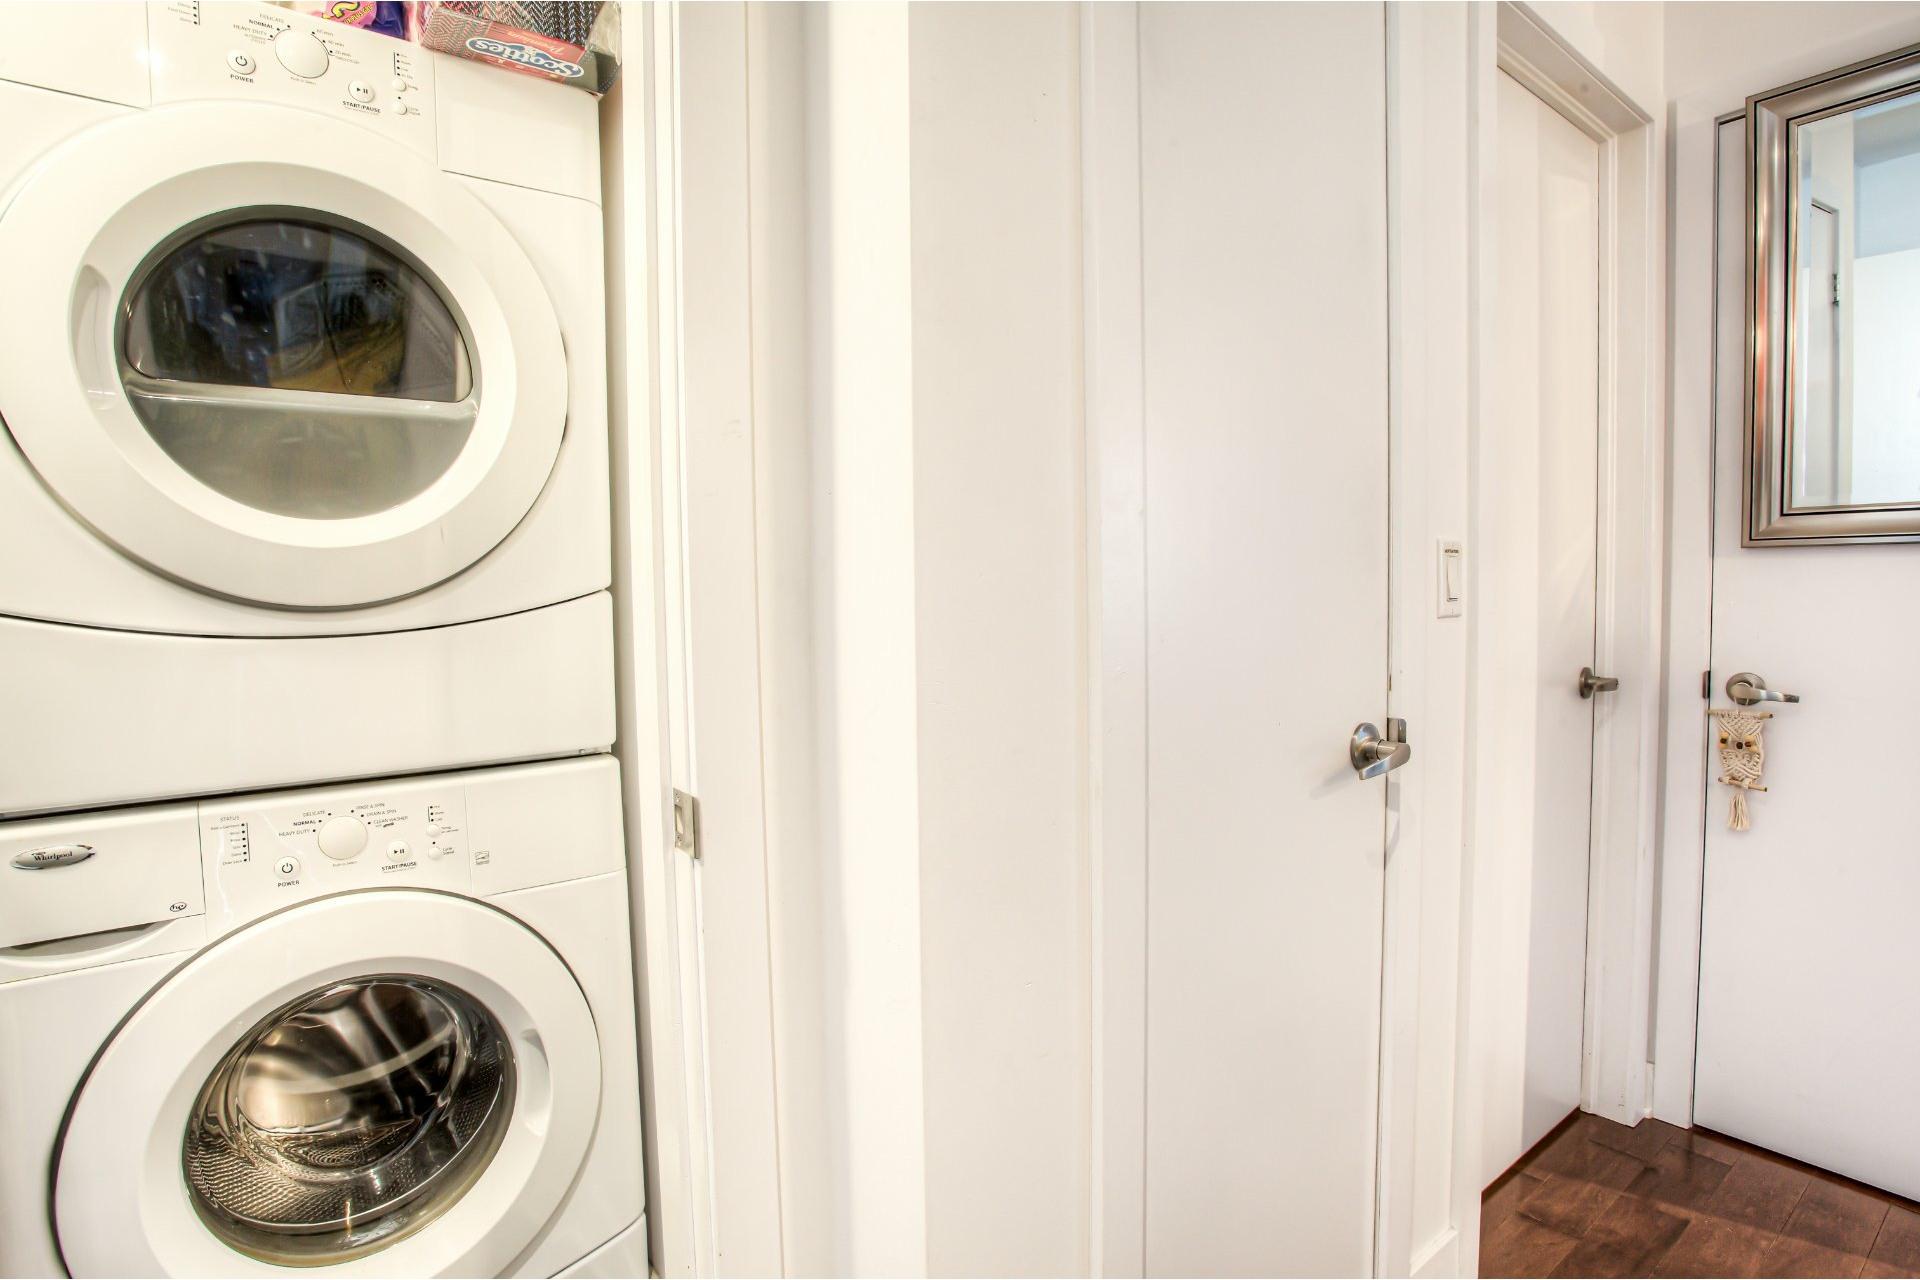 image 22 - Apartment For rent Côte-des-Neiges/Notre-Dame-de-Grâce Montréal  - 5 rooms